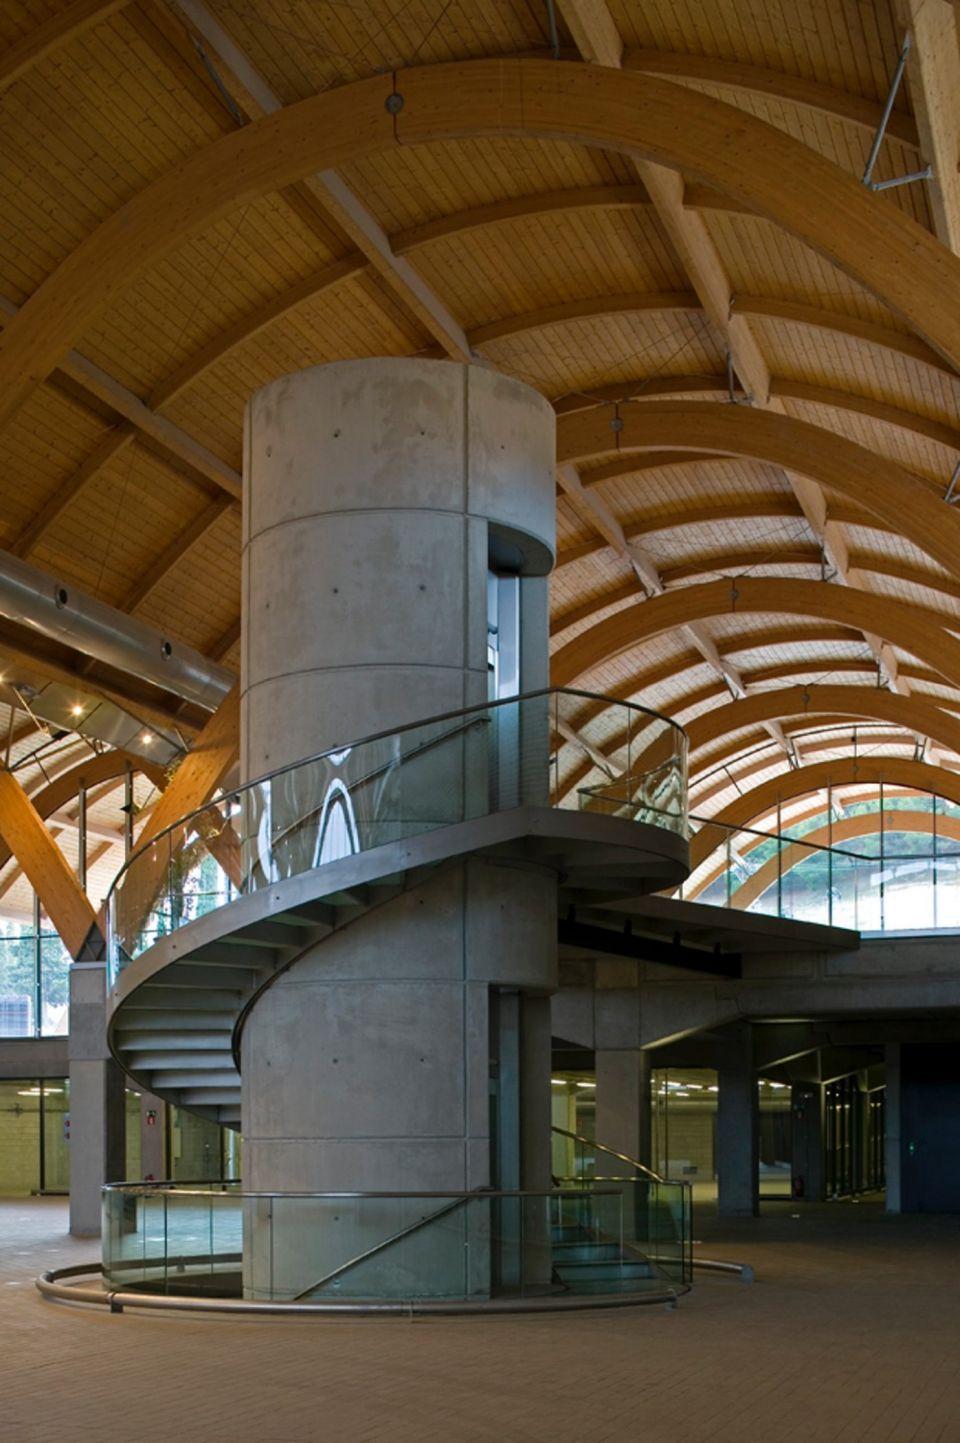 Винная архитектура Bodegas ProtosВинный завод Bodegas Protos Winery, возведенный в 2008 году в Вальядолиде (Испания) по проекту британского архитектора Ричарда Роджерса и местной студии «Алонсо Балагер и партнеры», помимо основного сооружения, включает в свой состав также штаб-квартиру компании и дегустационный центр. Новое здание связано подземным тоннелем с существующими винными погребами, расположенными под историческим замком Пеньяфьель, в котором сегодня расположен музей вин.Заглубленная часть здания, занятая оборудованием для производства и выдержки вина, представляет собой современную интерпретацию традиционных технических решений в области виноделия. Открытое офисное пространство расположено в двухъярусной надземной части. В качестве несущих конструкций покрытия используются параболические арки из ламинированной древесины, что придает всему сооружению легкий и эстетичный вид.Сегодня, наряду с замком Пеньяфьель, новый винный завод является одной из главных достопримечательностей города.